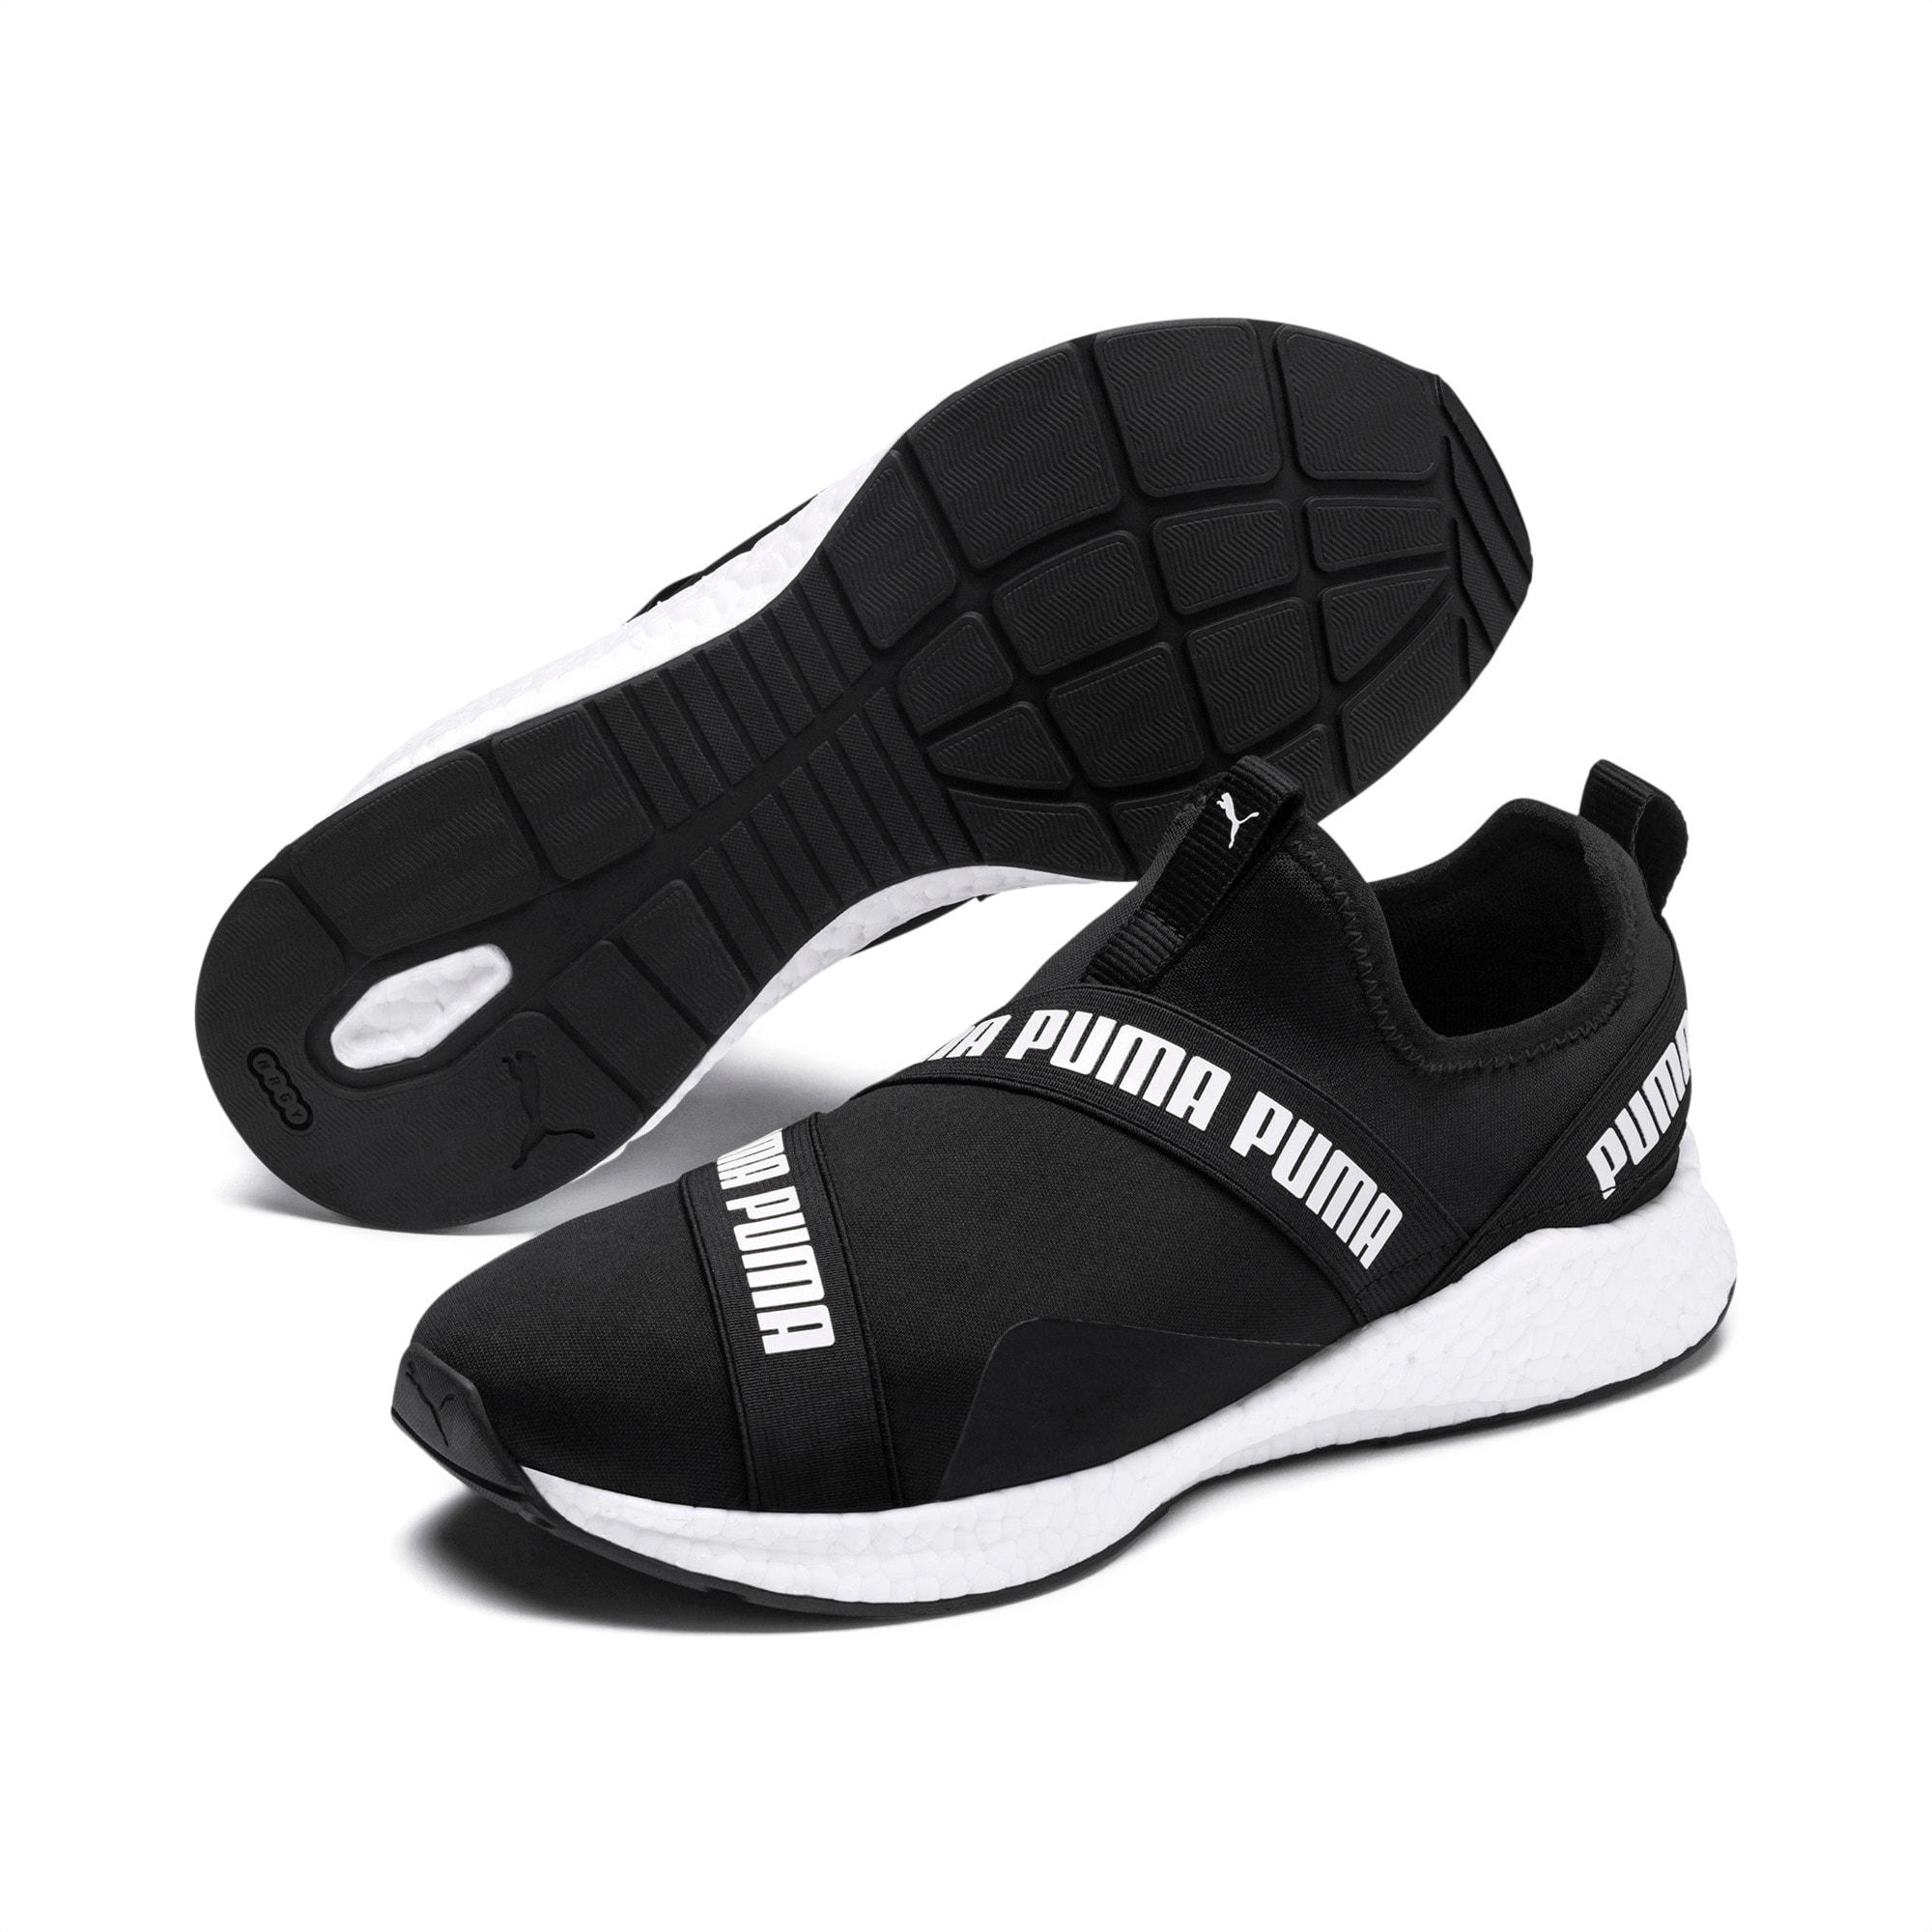 NRGY Star Men's Slip-On Running Shoes